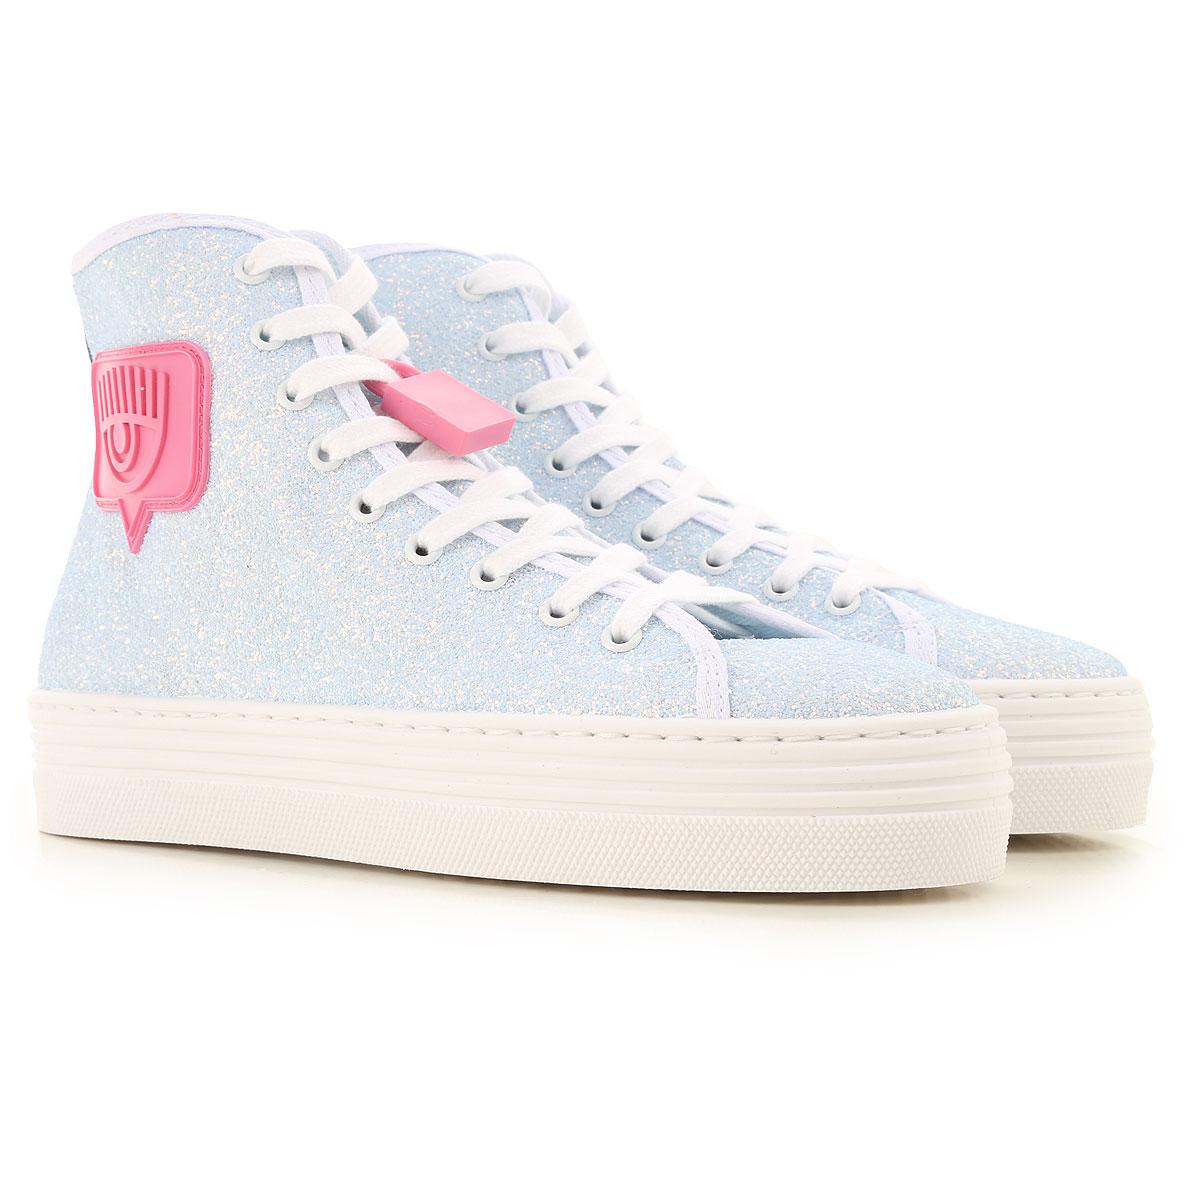 Chiara Ferragni Sneakers for Women On Sale, Light Blue, Glitter Fabric, 2019, 10 6 7 8 9